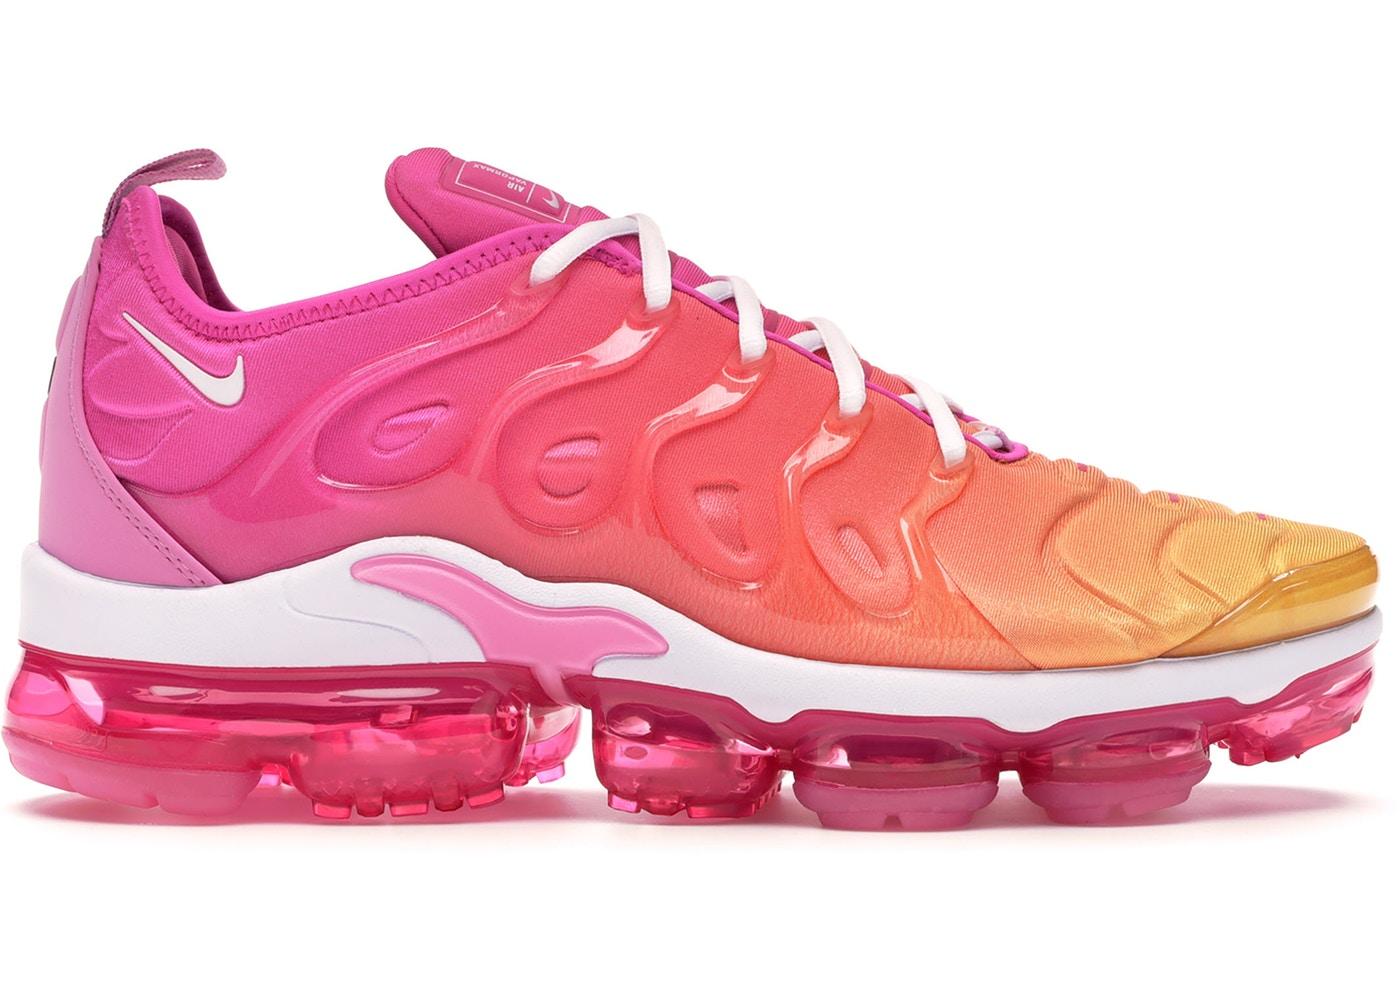 ナイキ レディース ヴェイパーマックス プラス Nike Air Vapormax Plus ランニングシューズ Laser Fuchsia/White/Psychic Pink